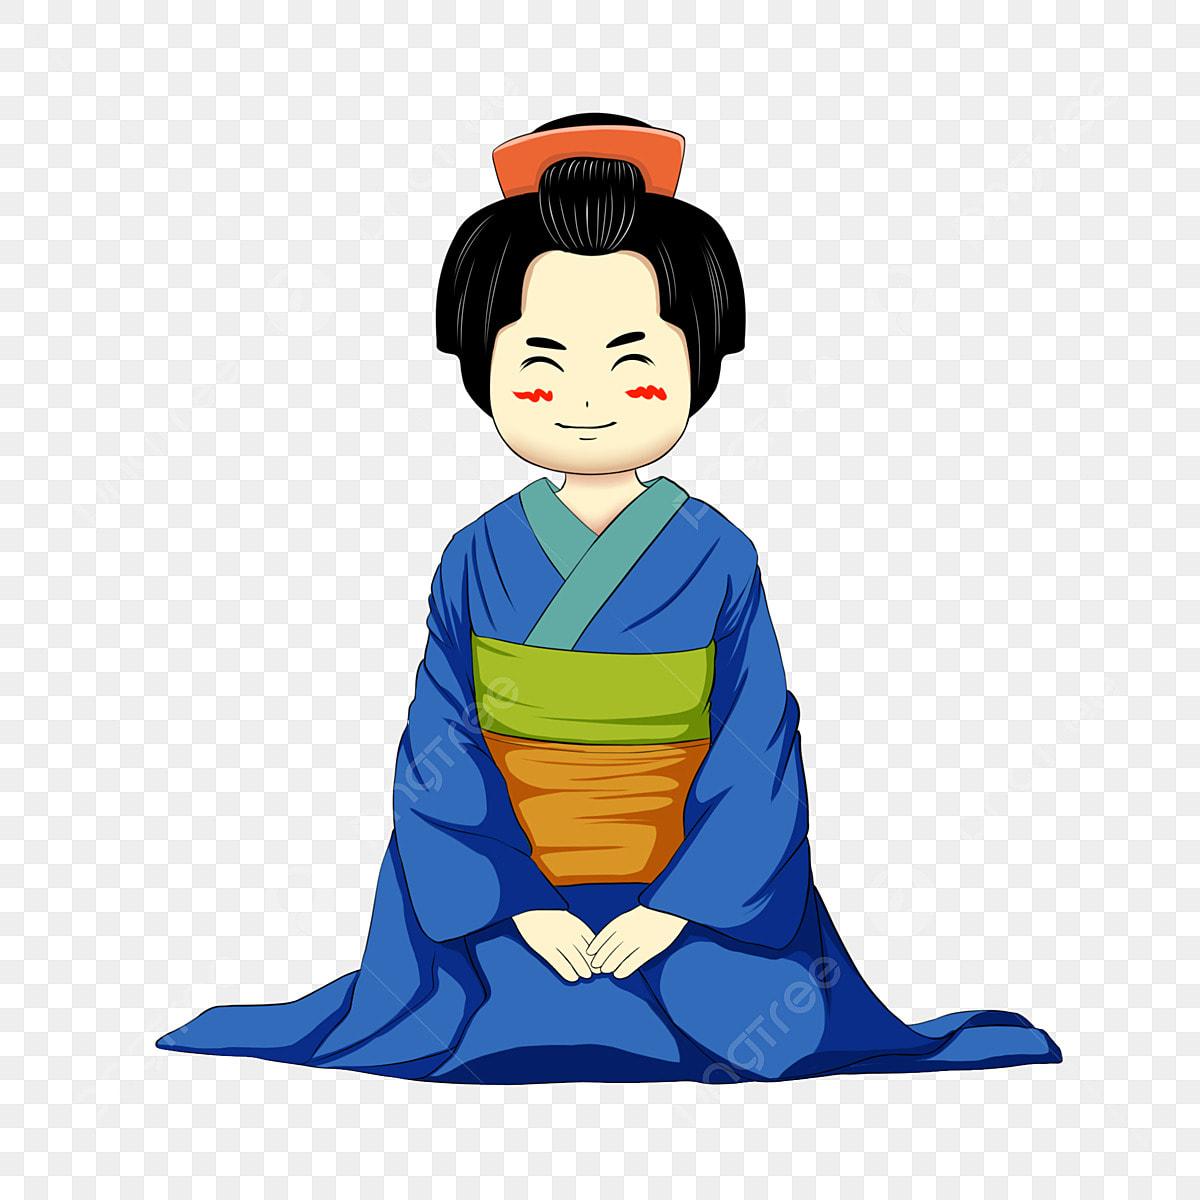 日本のキャラクターイラスト 着物を着ている少女 青い着物